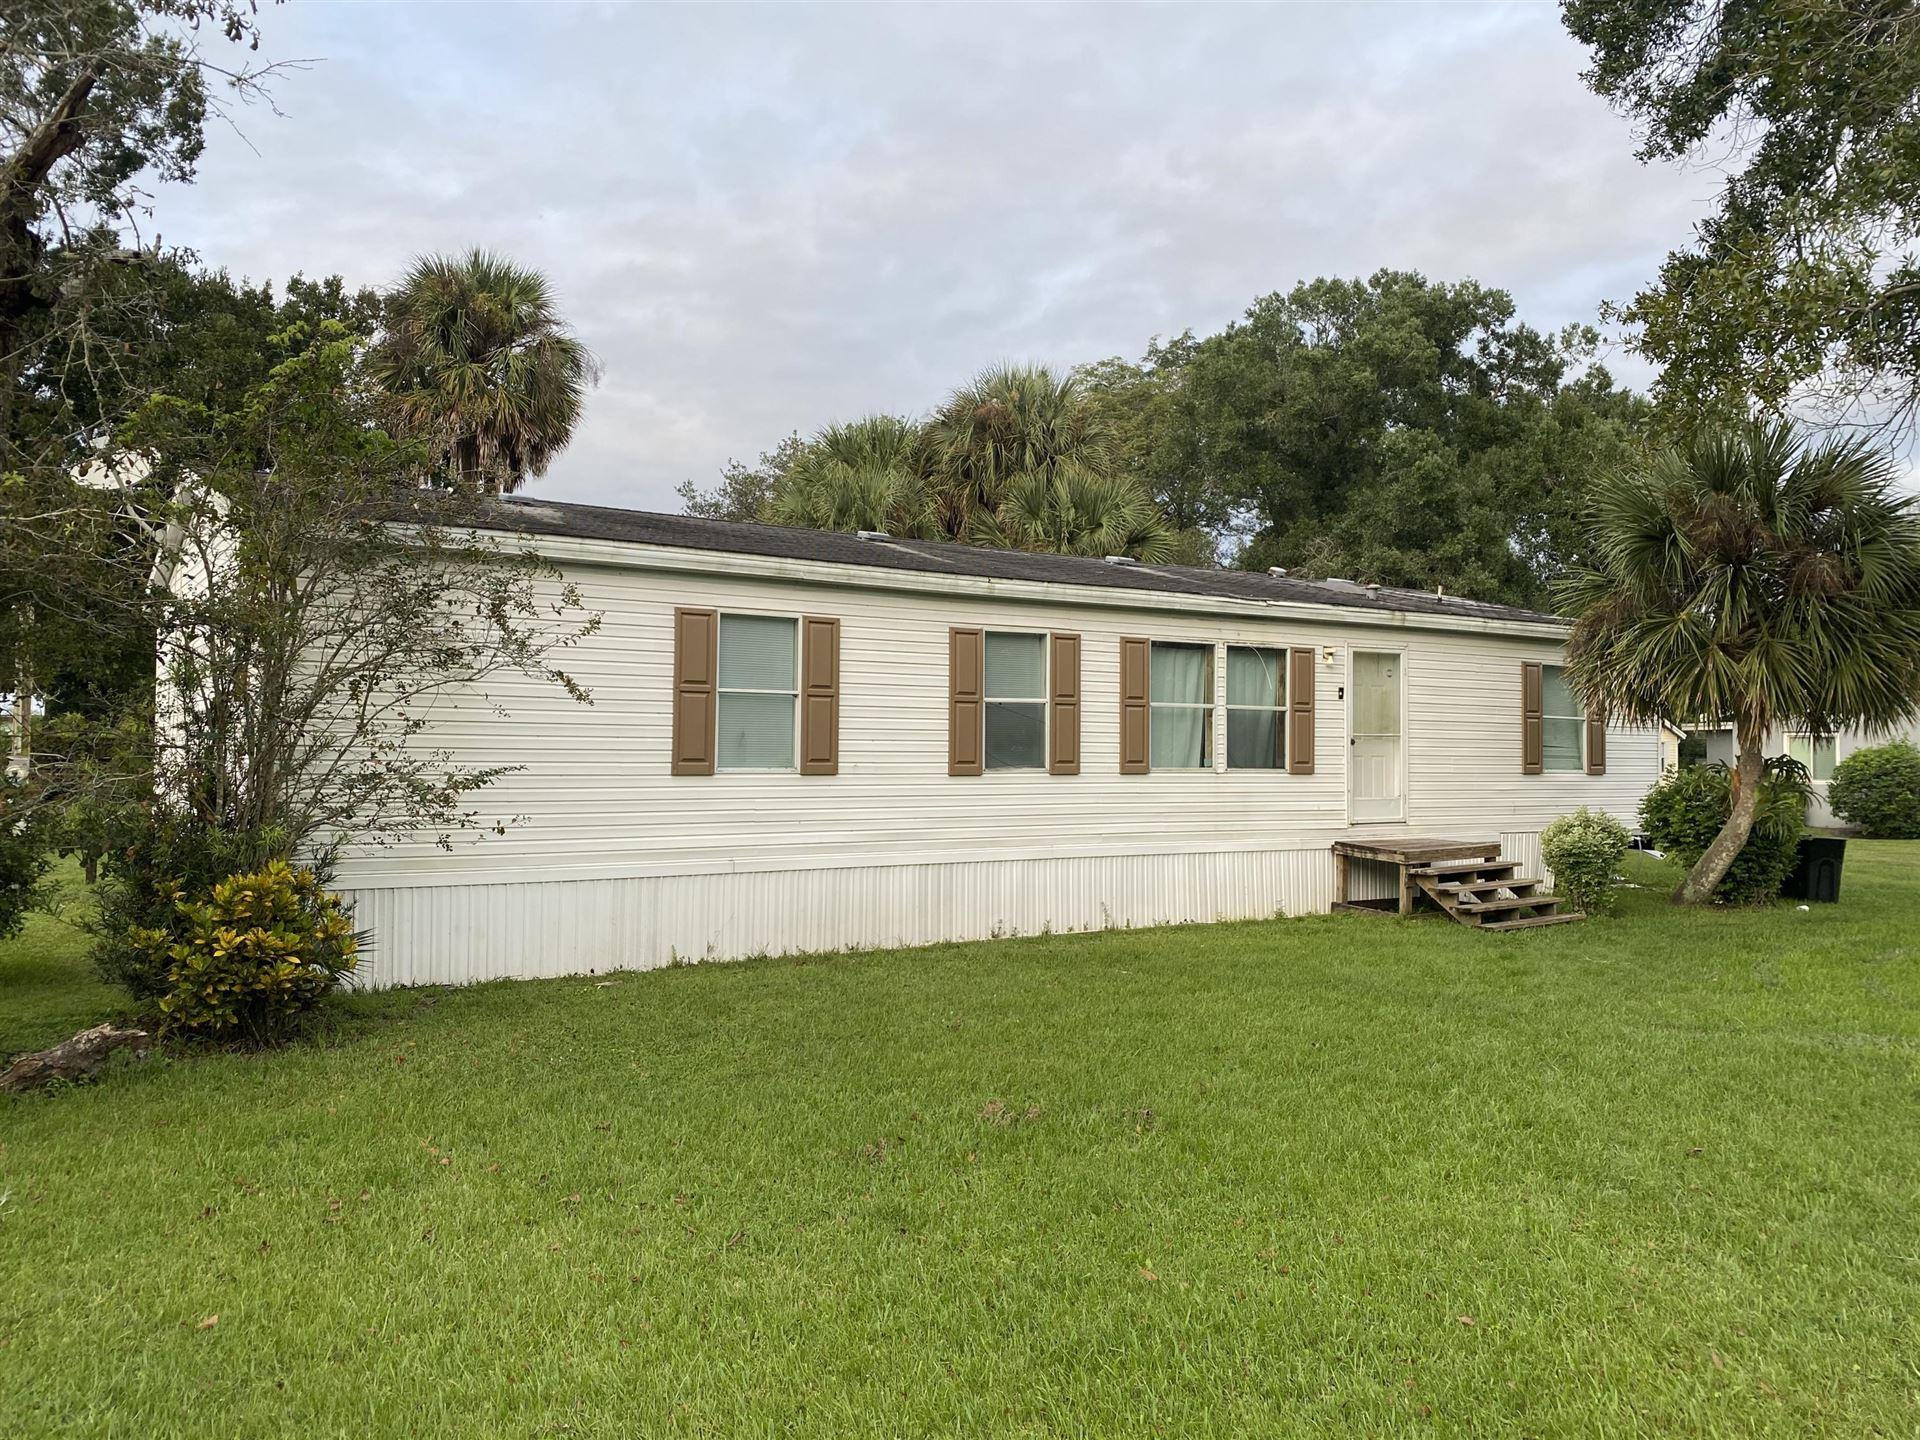 1859 NW 3rd Lane, Okeechobee, FL 34972 - #: RX-10660221